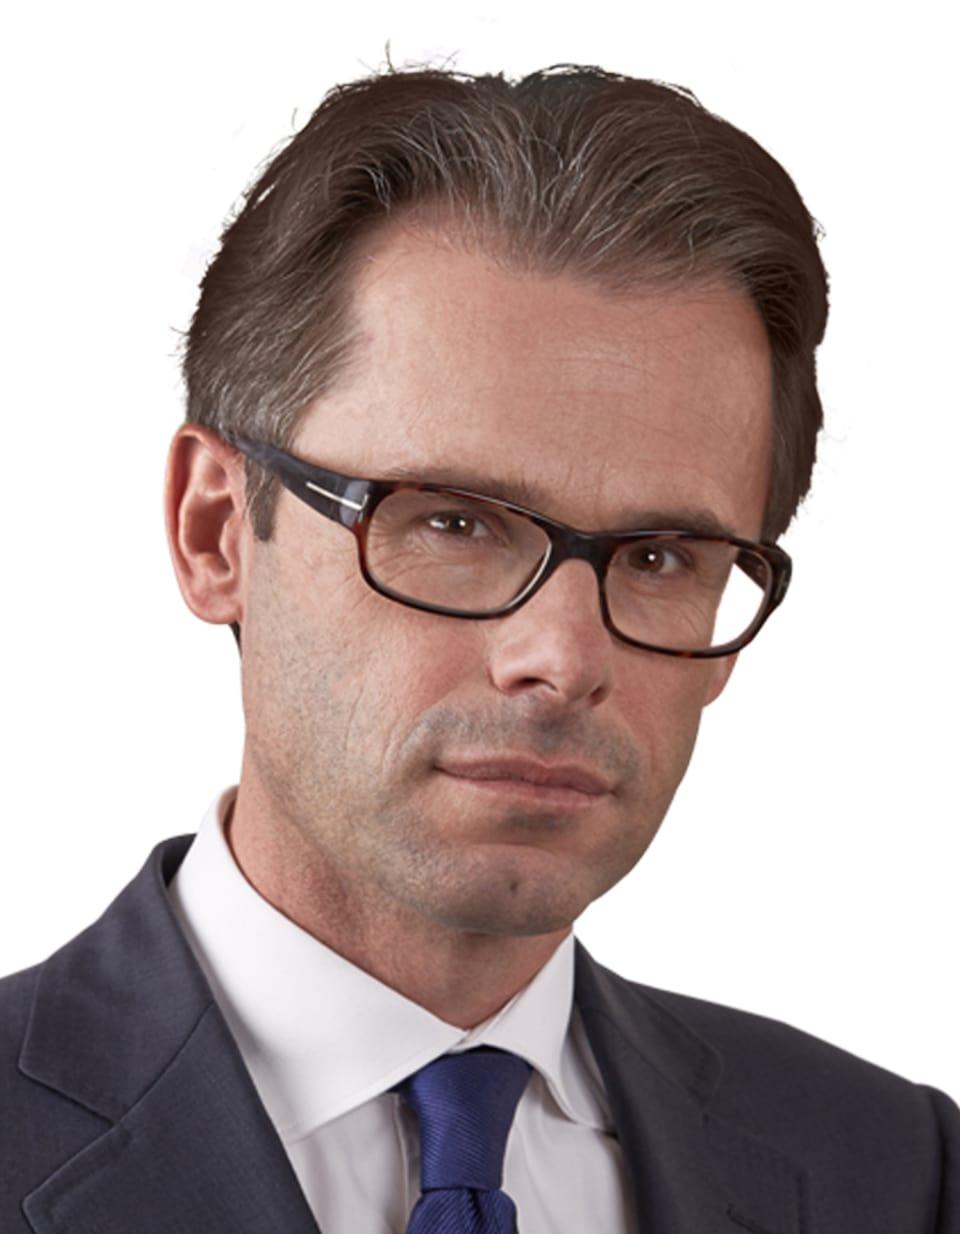 Bartosz Krużewski